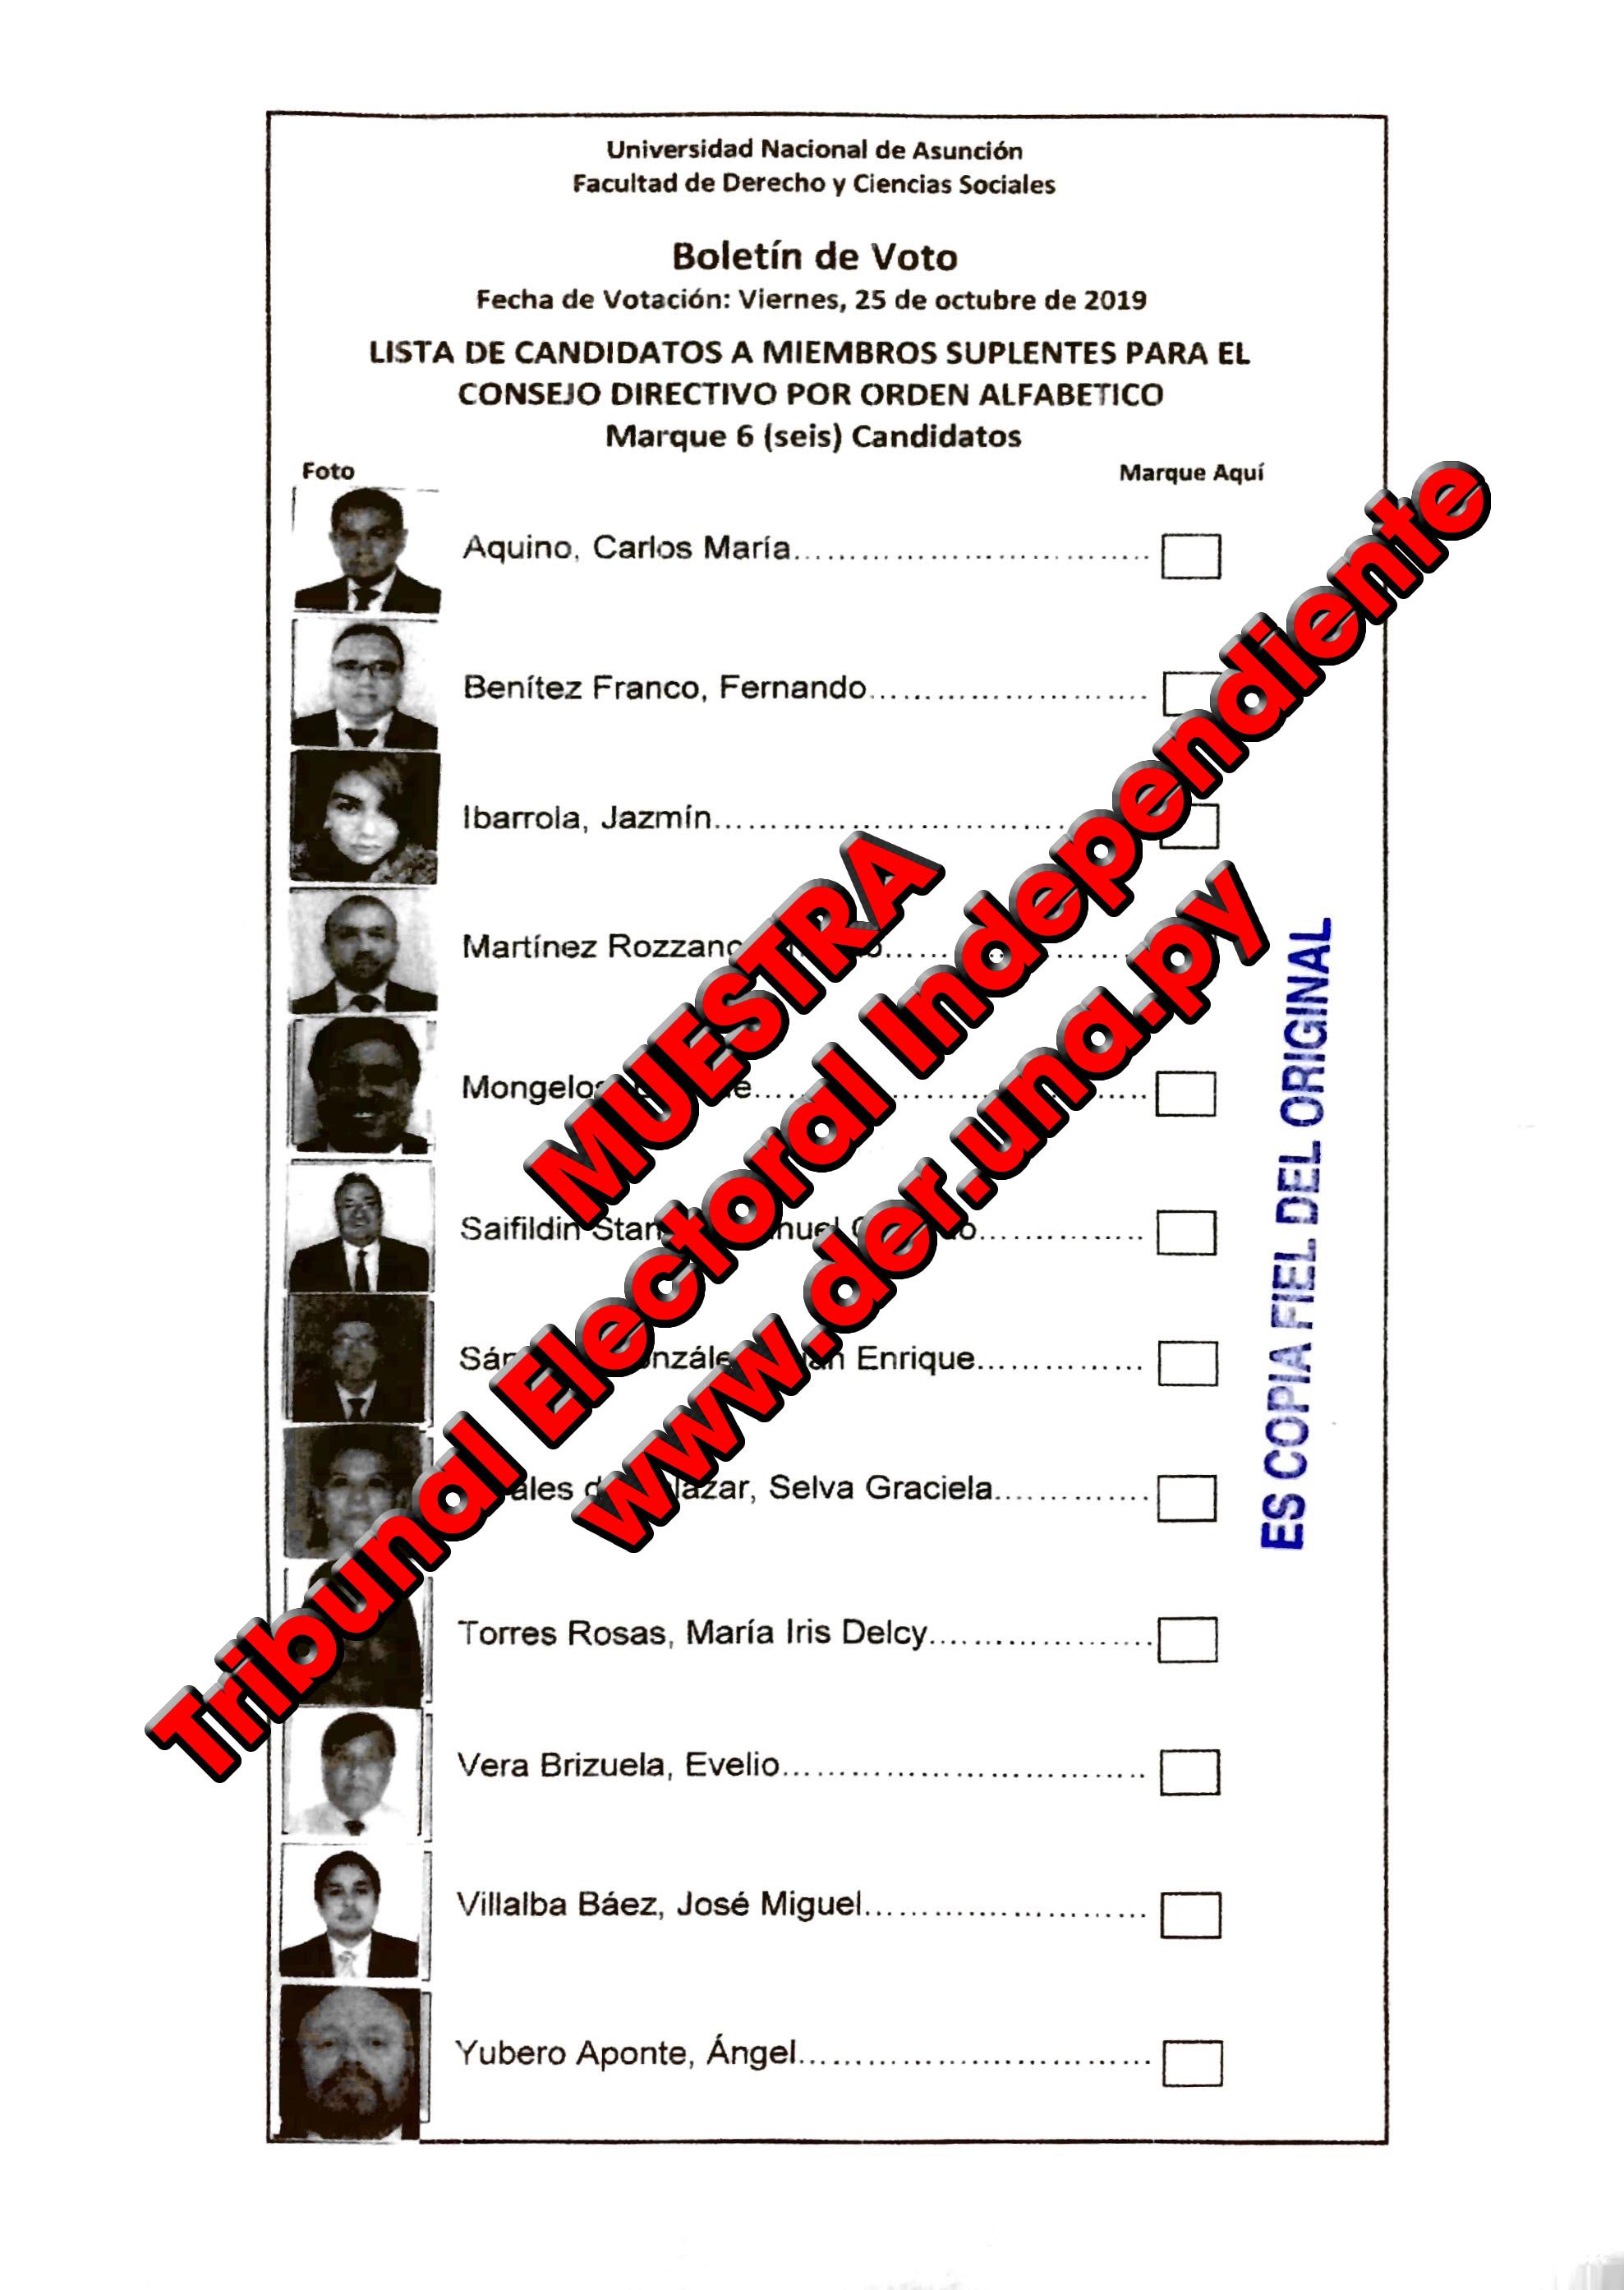 Lista de candidatos a Miembros Suplentes ante el Consejo Directivo